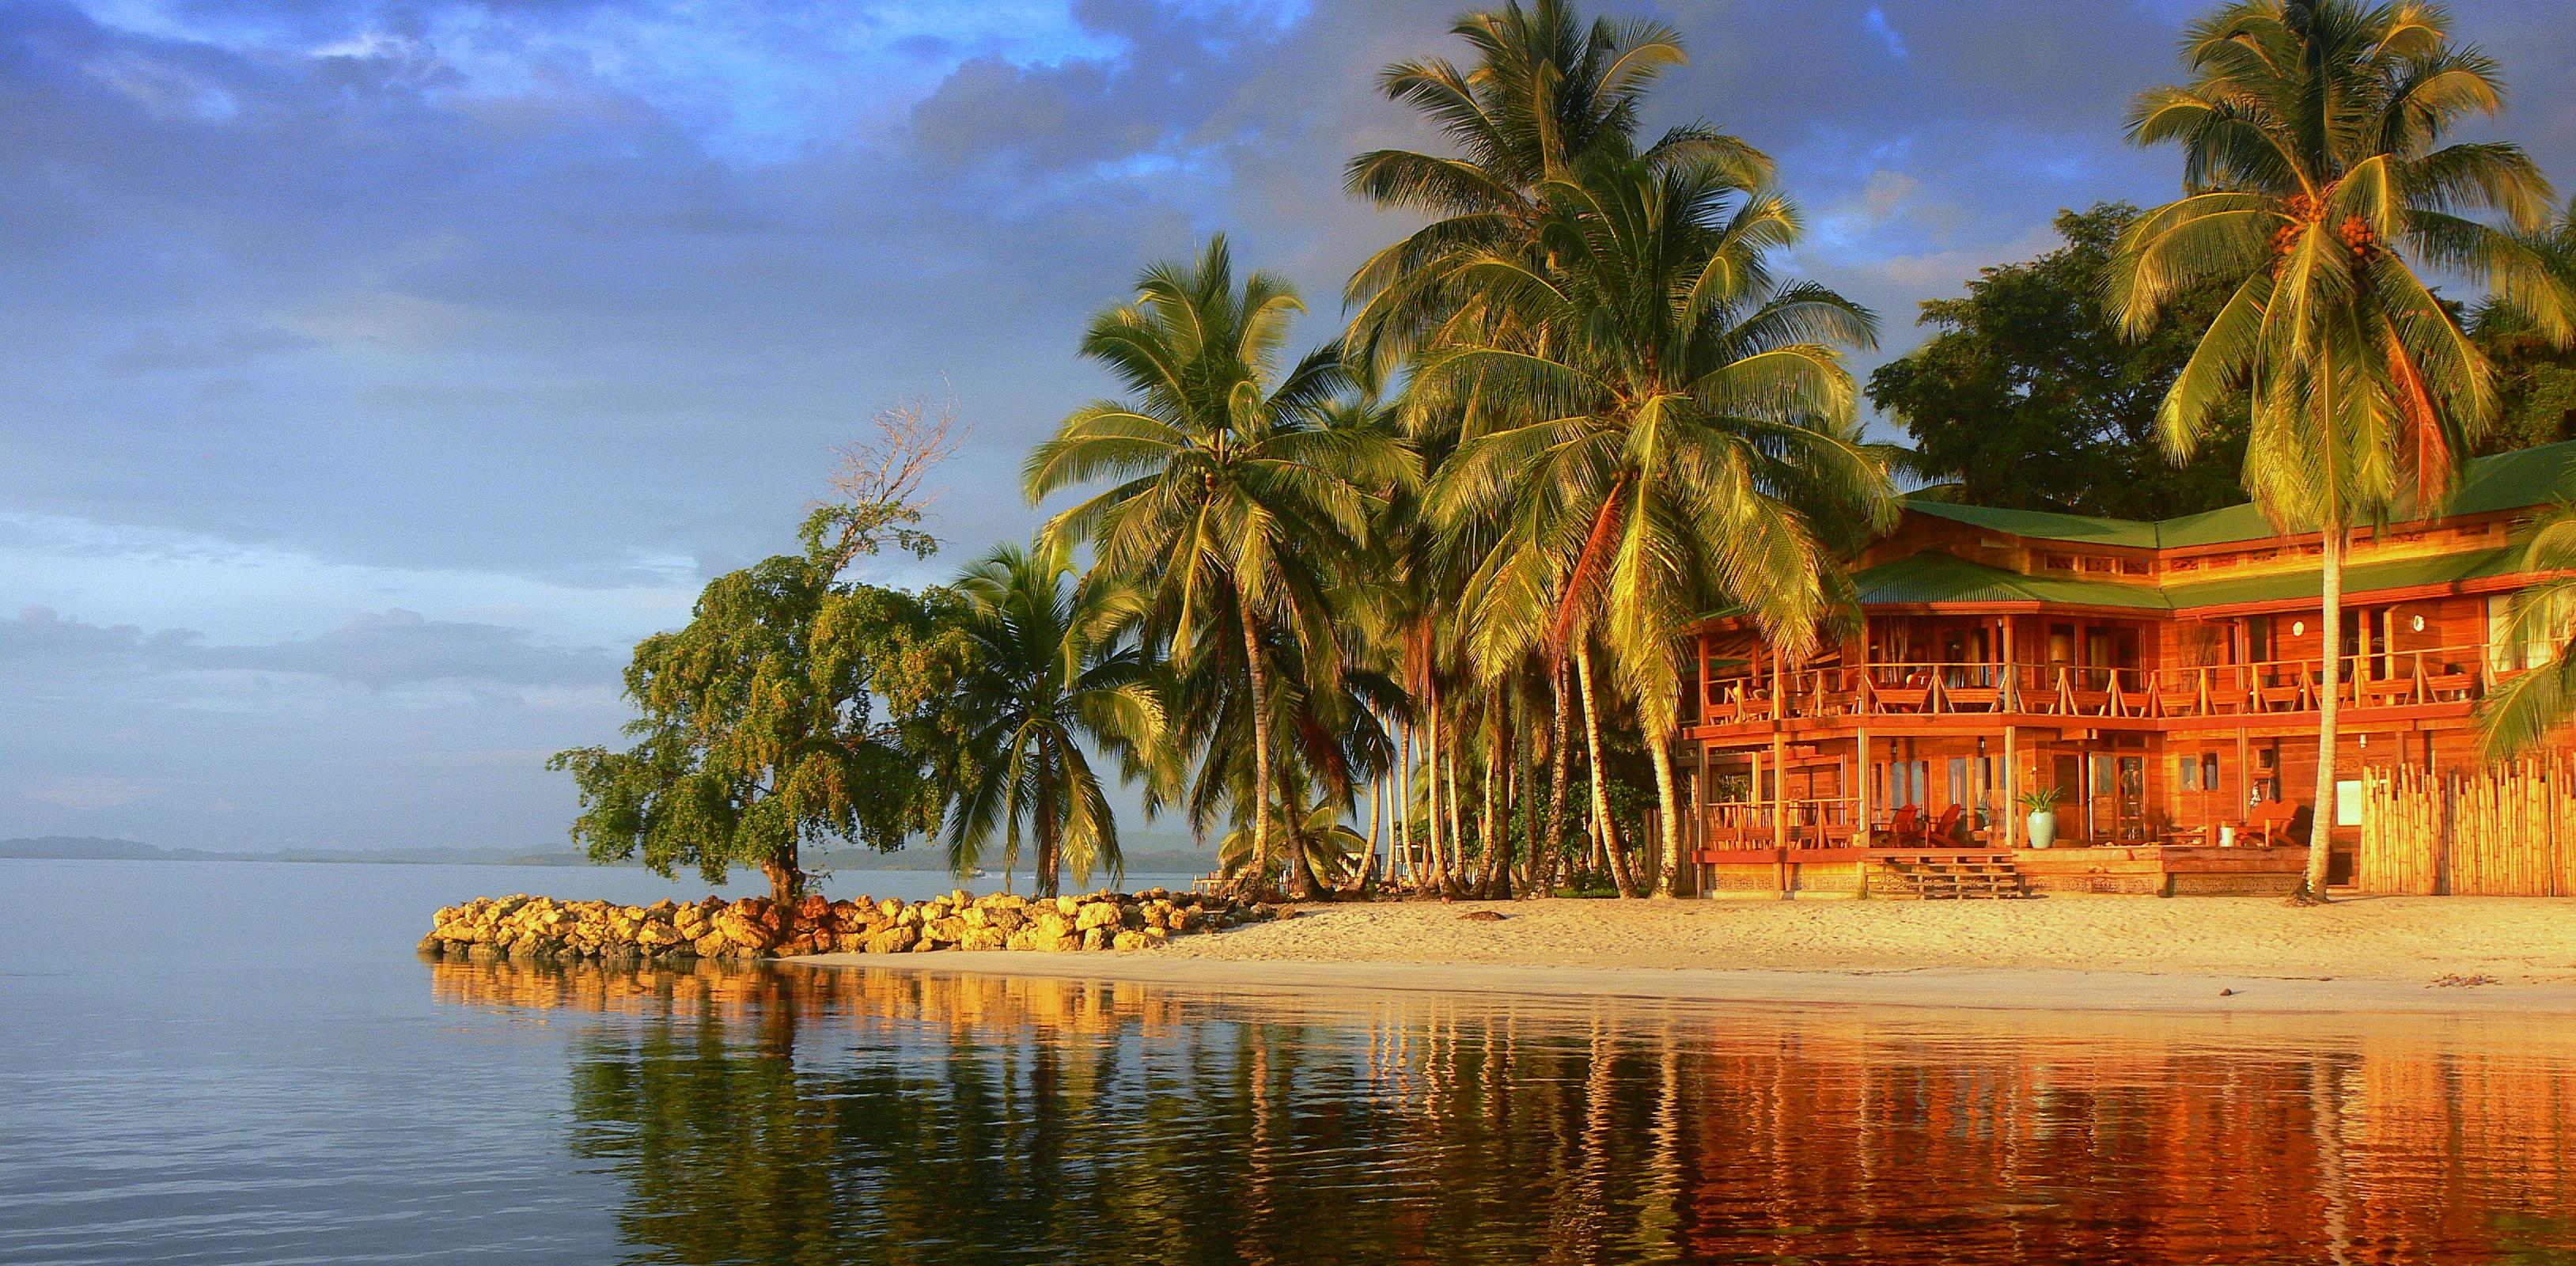 City Beaches, Panama